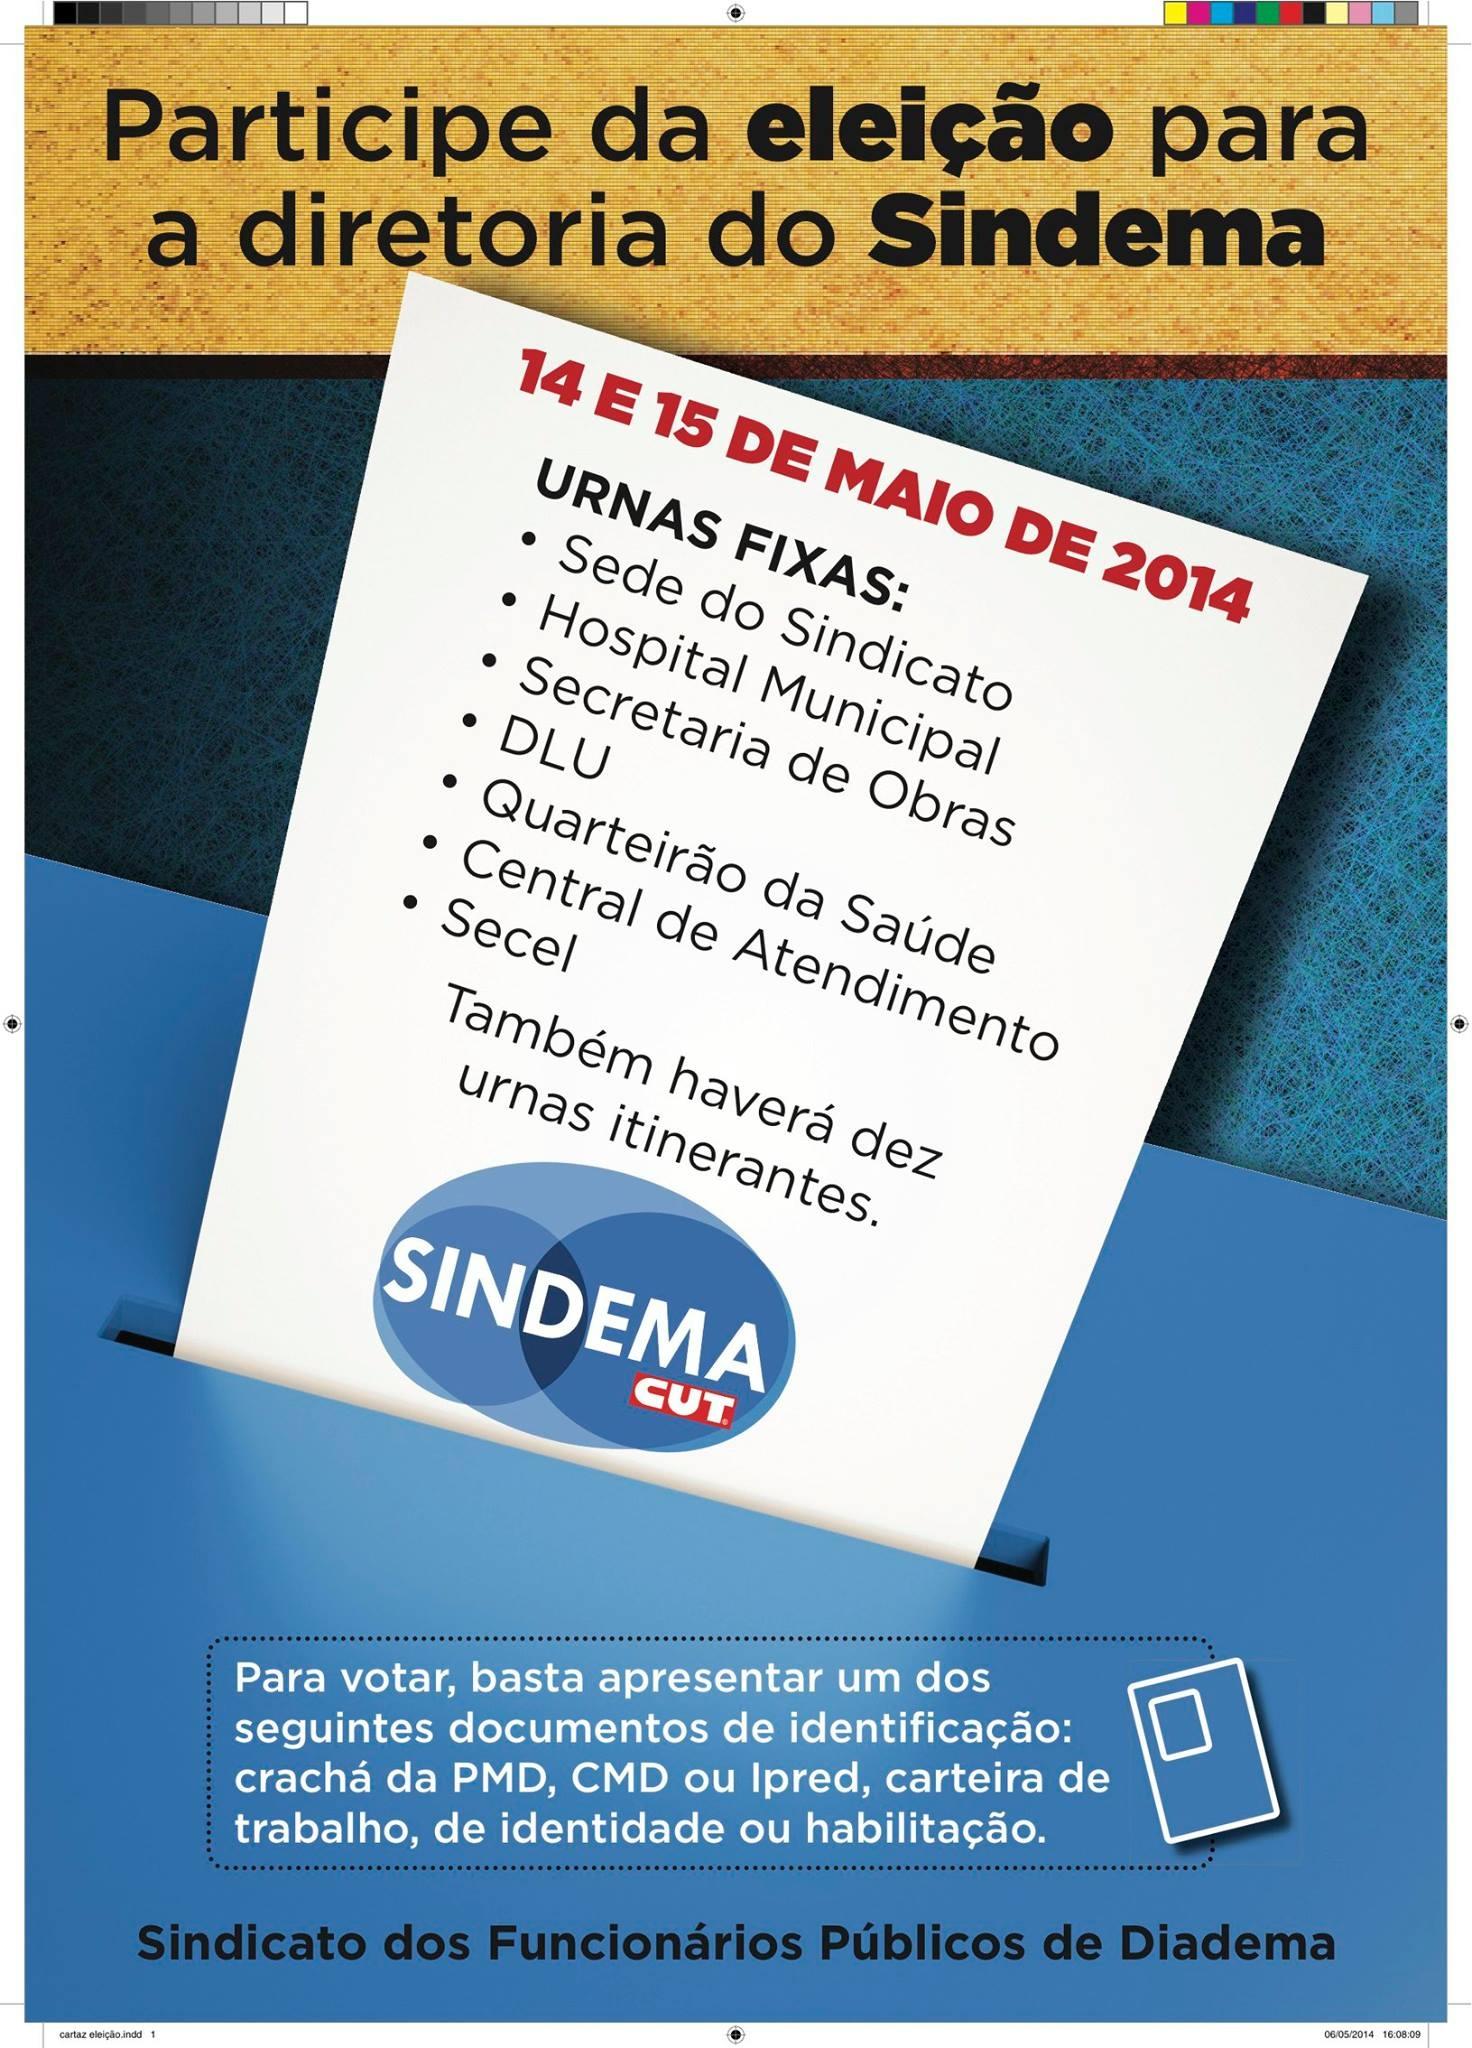 Eleição para diretoria do Sindema